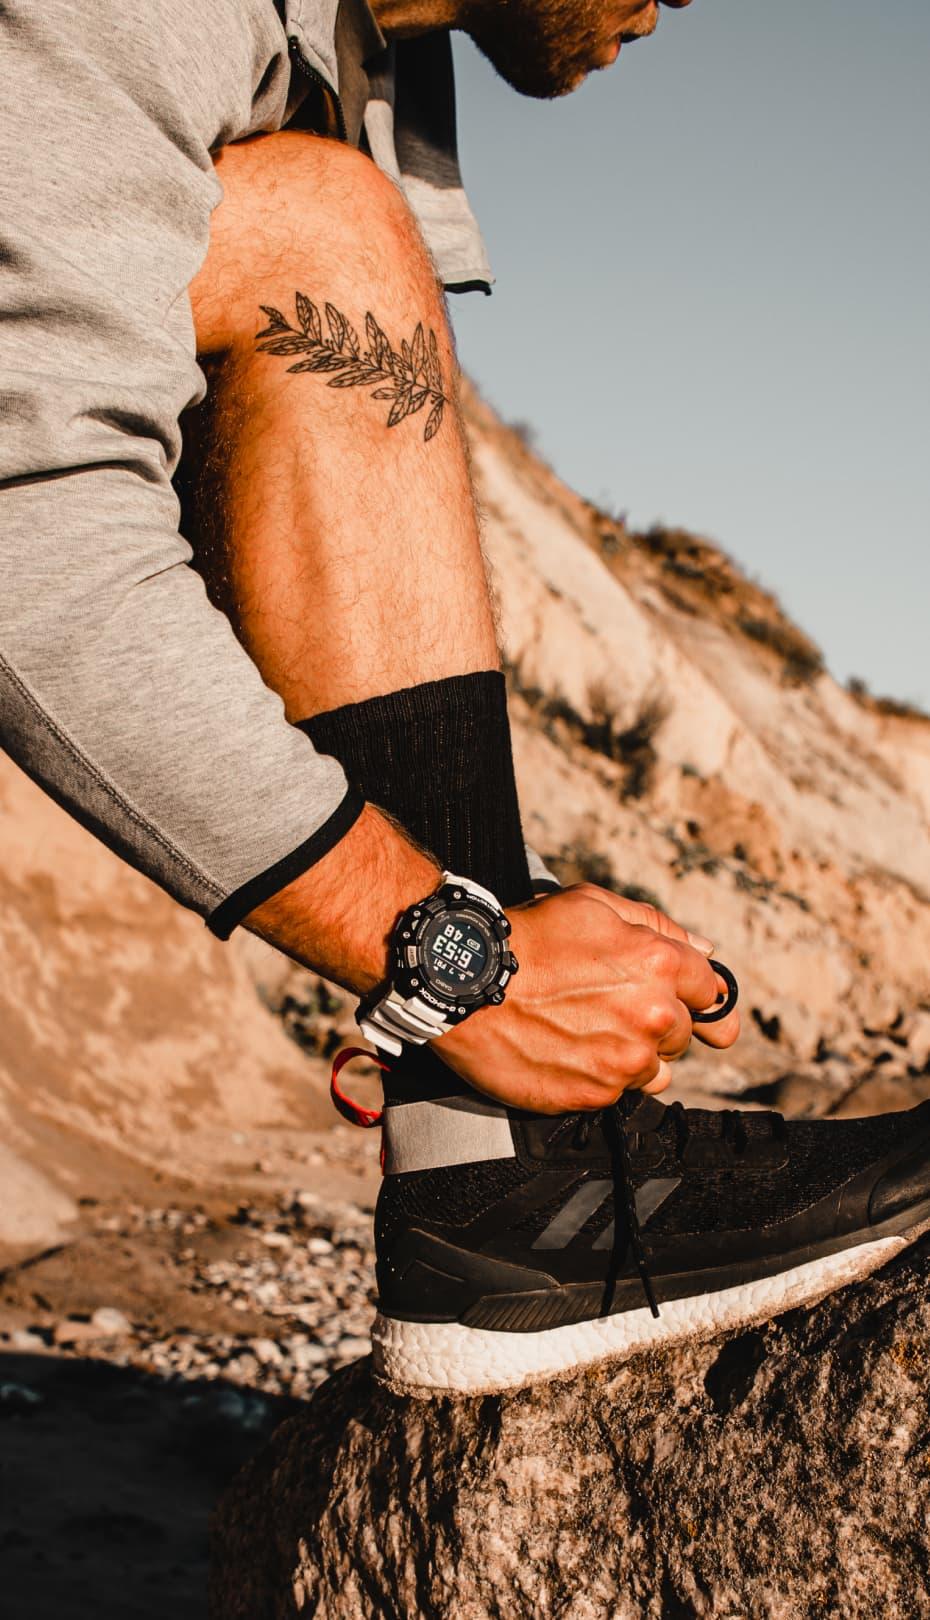 un hombre atándose los cordones de las zapatillas con un reloj CASIO g shock